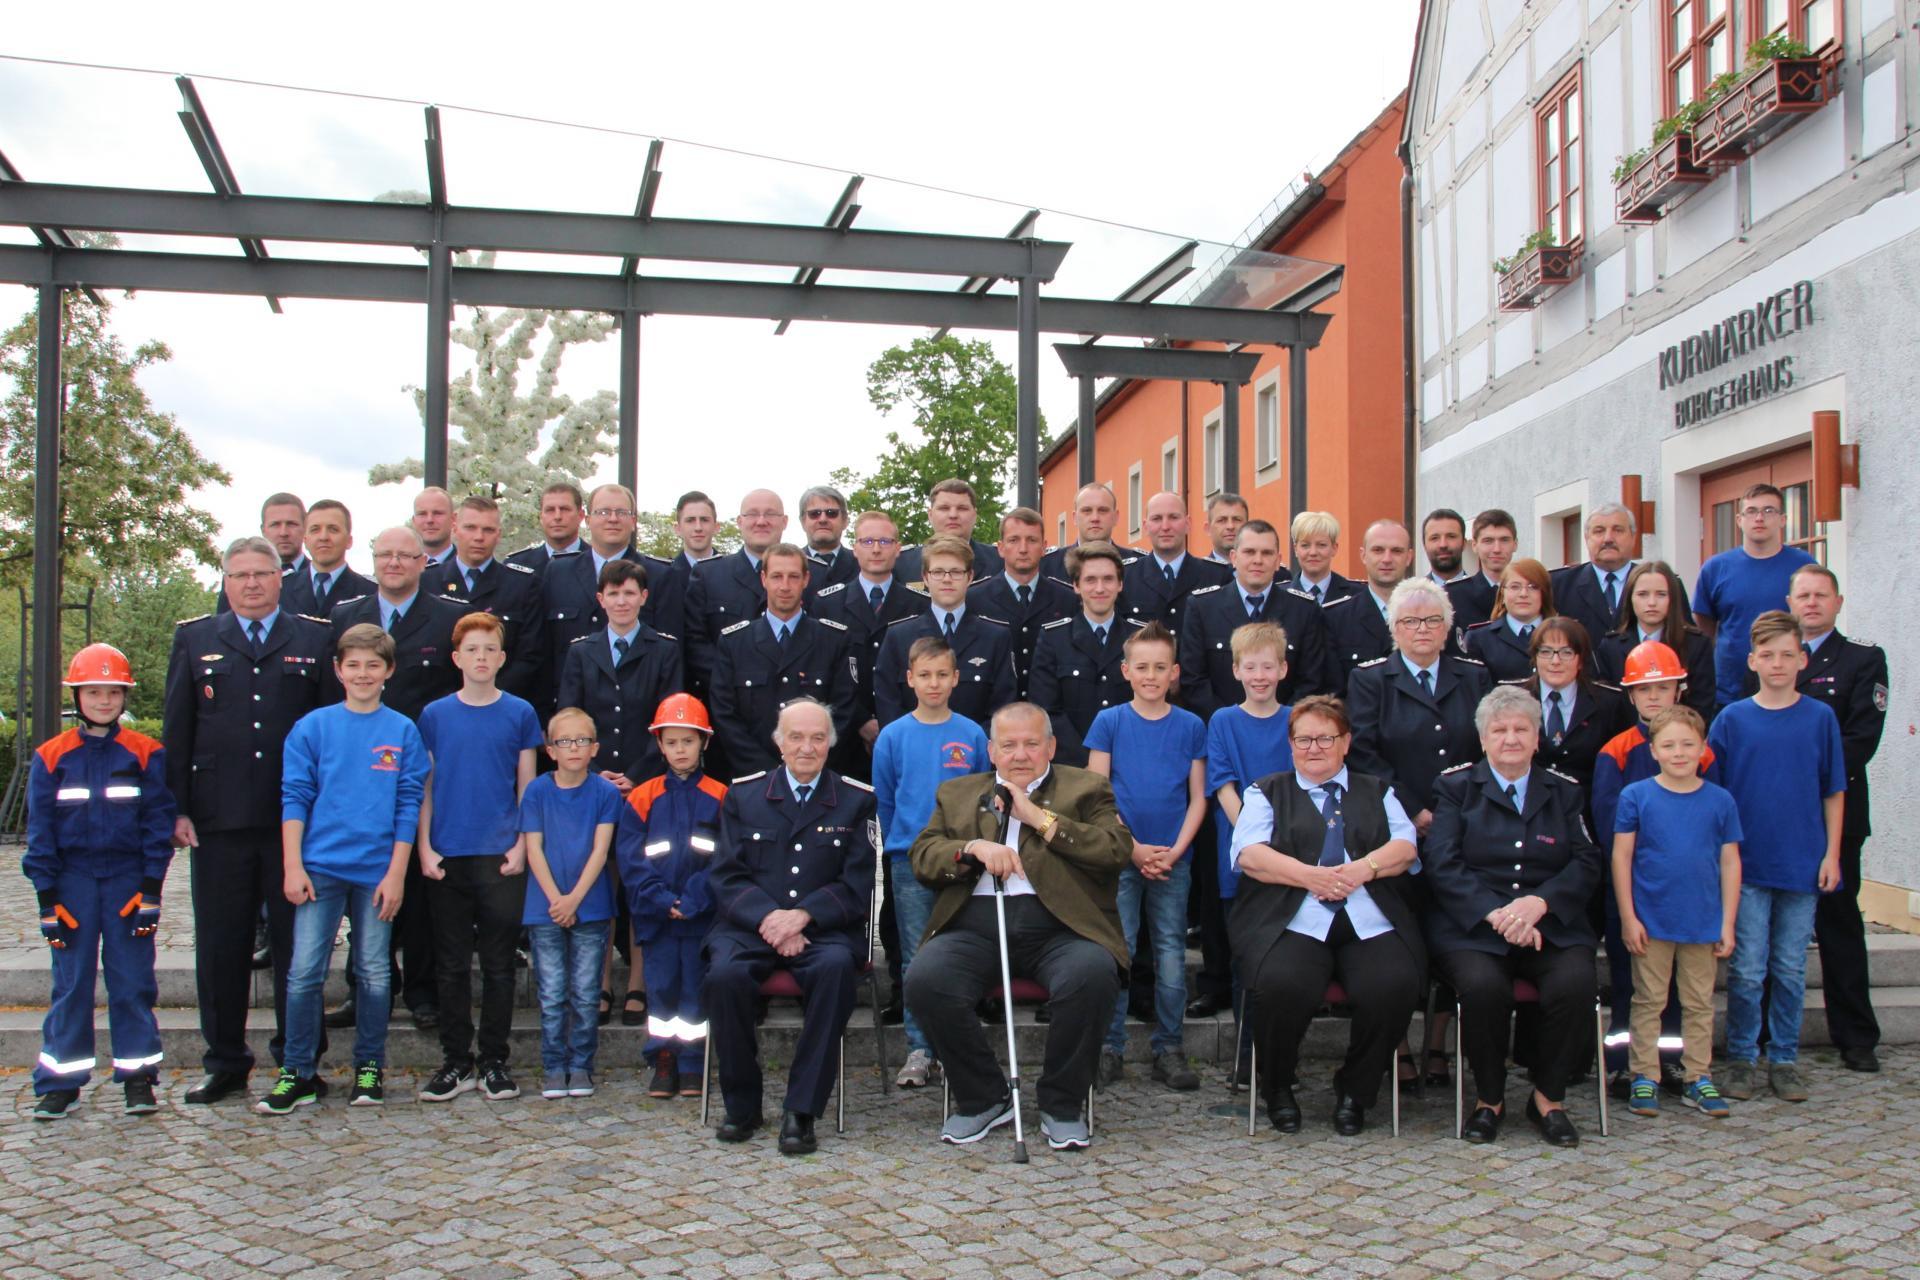 Gruppenfoto Fw Großräschen-Nord 90 Jahre Fw